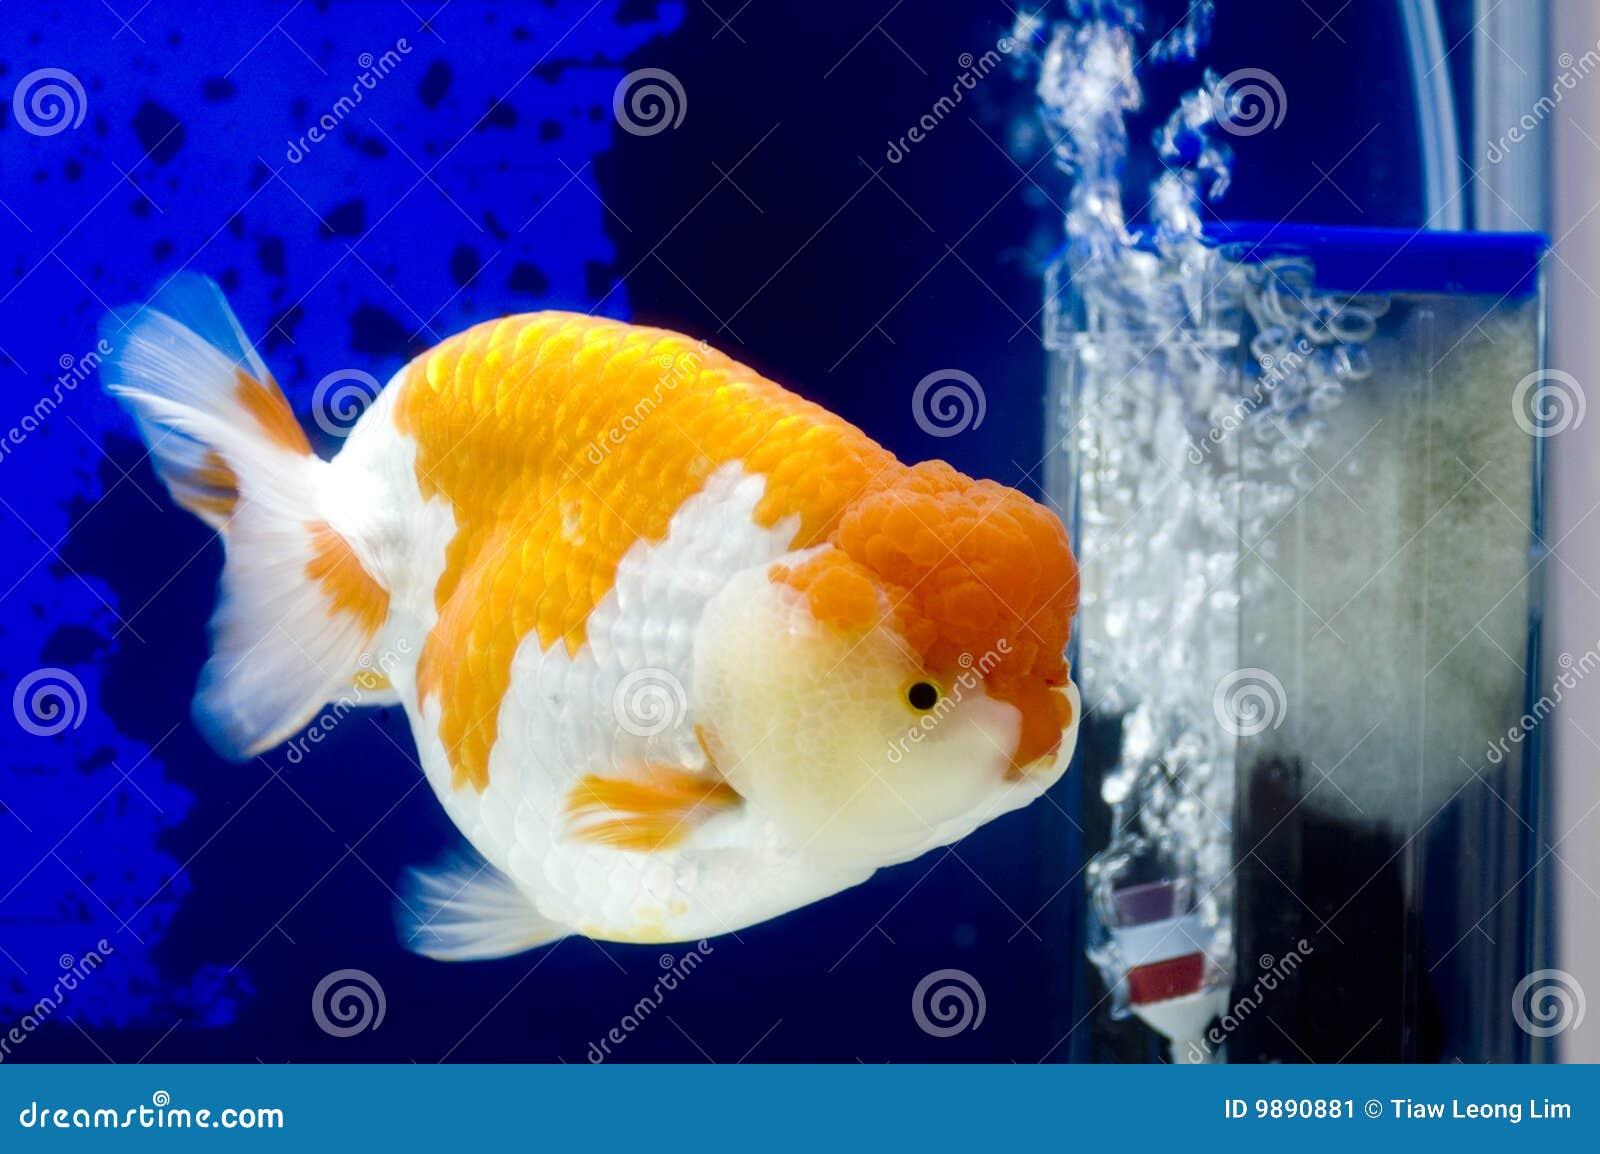 Neumanns Park Restaurant Bild: Fischbecken Bilder und Bewertungen zu Neumanns Park Restaurant vergleichen und beim Testsieger HolidayCheck mit.